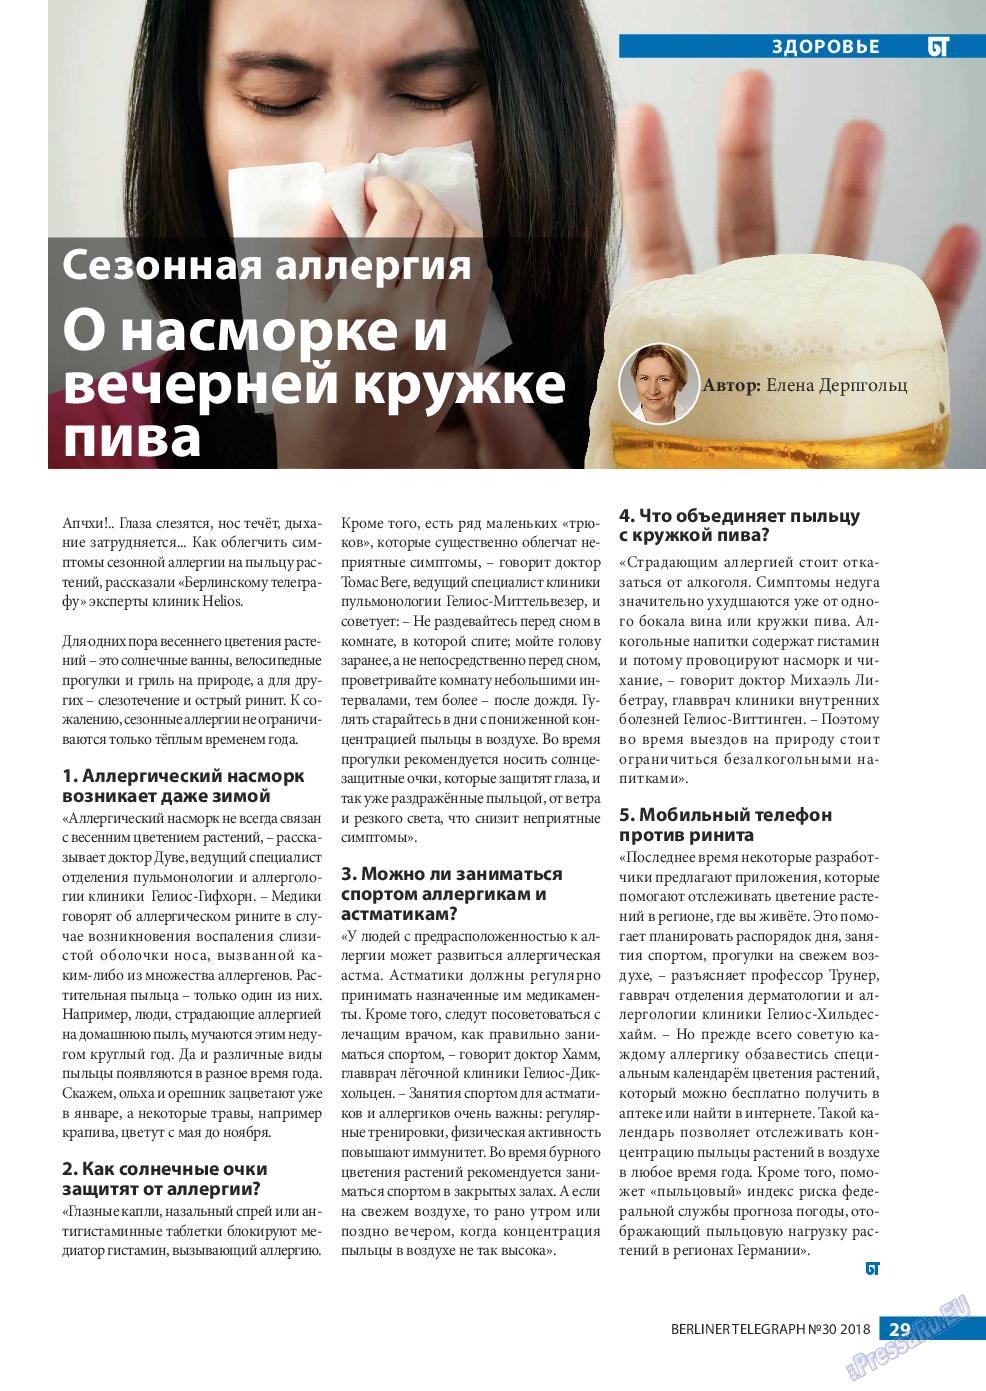 Берлинский телеграф (журнал). 2018 год, номер 30, стр. 29